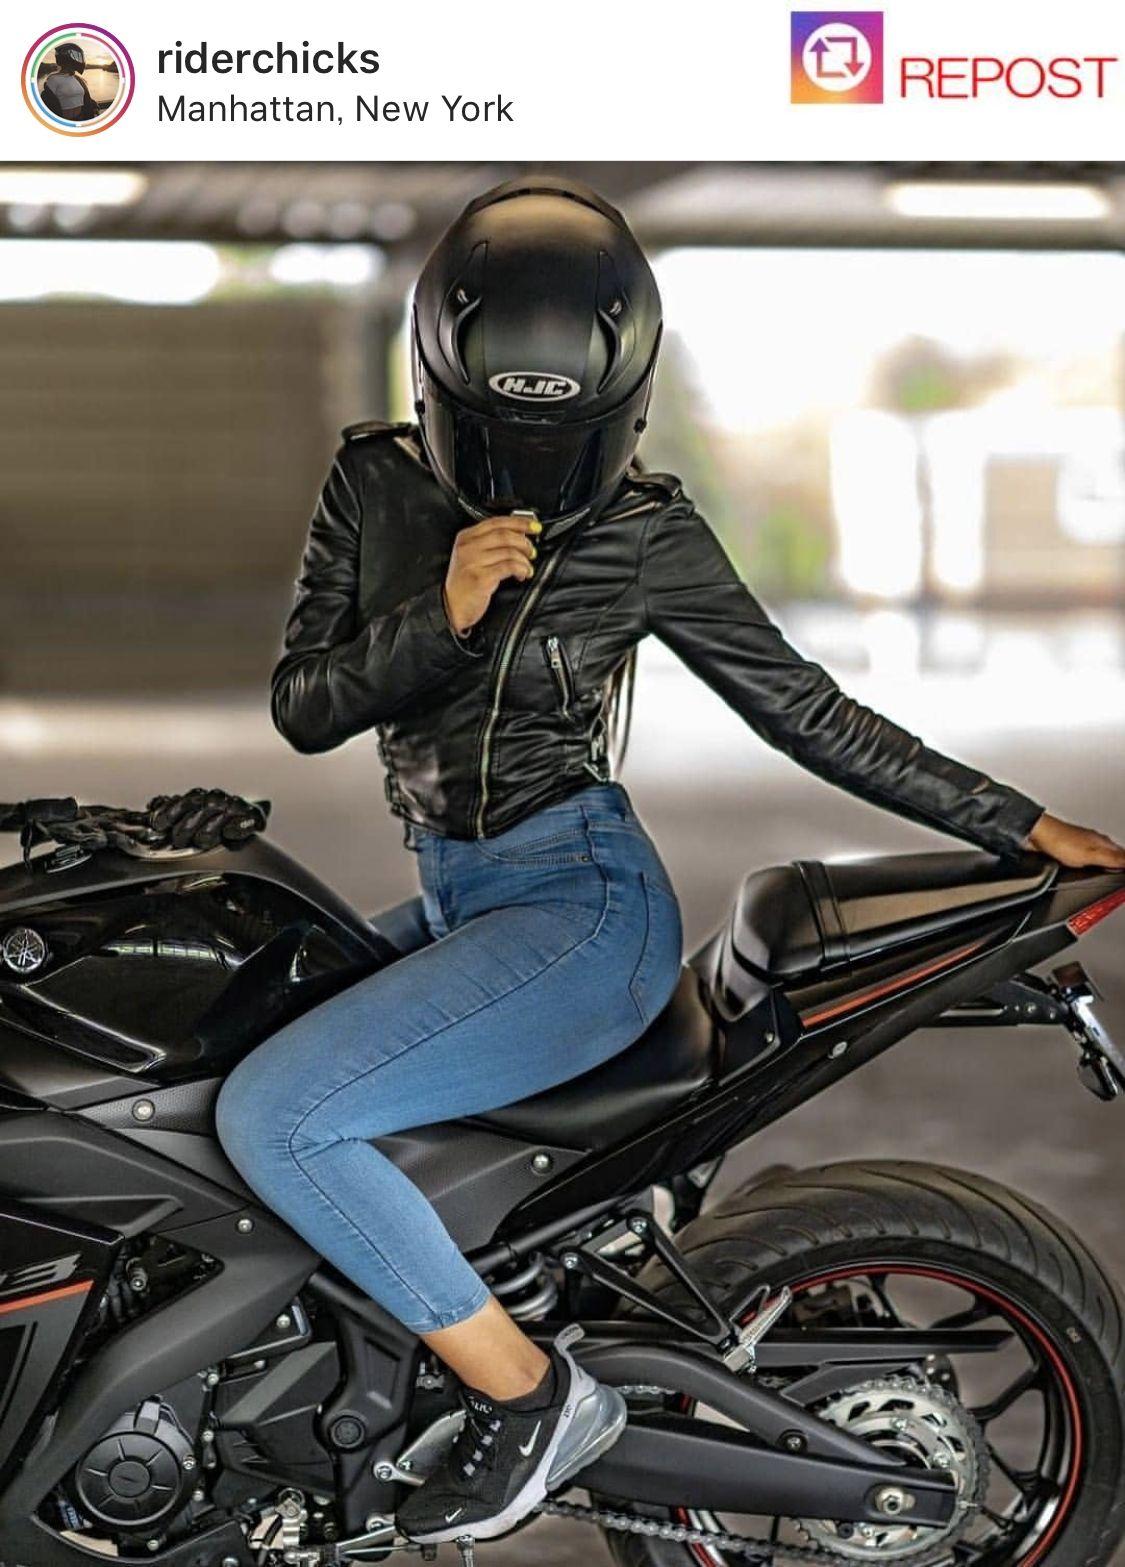 Pin By Julia Hanline On Motorcycles Motorcycle Girl Biker Girl